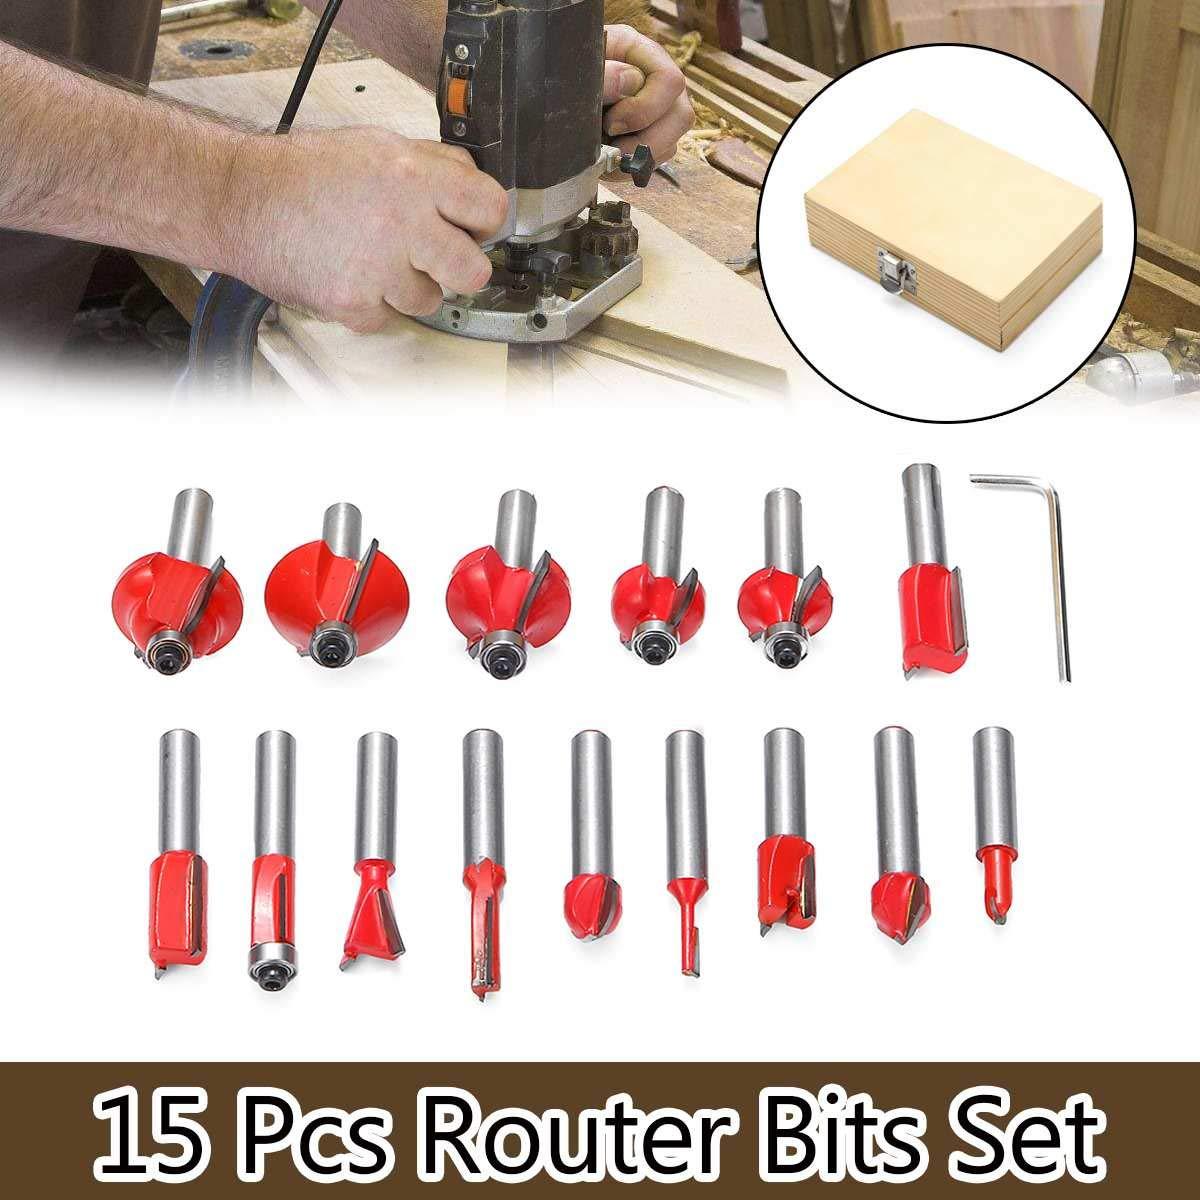 Milling Cutter 15pcs Router Bit Set 8mm Wood Cutter Carbide Shank Woodworking